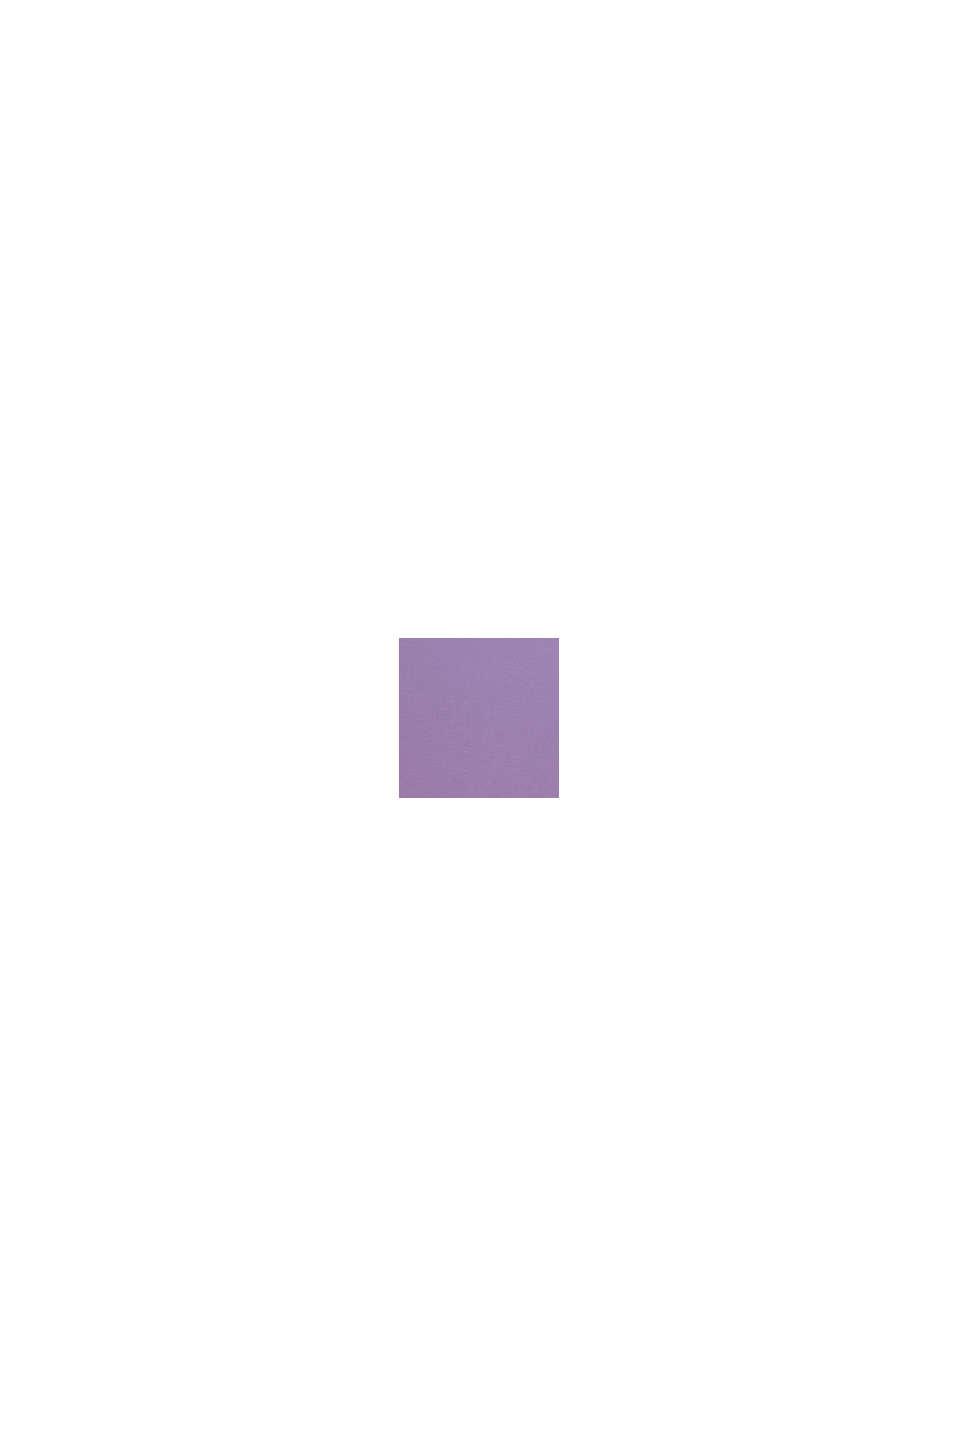 Maglia con stampa in cotone stretch, LAVENDER, swatch